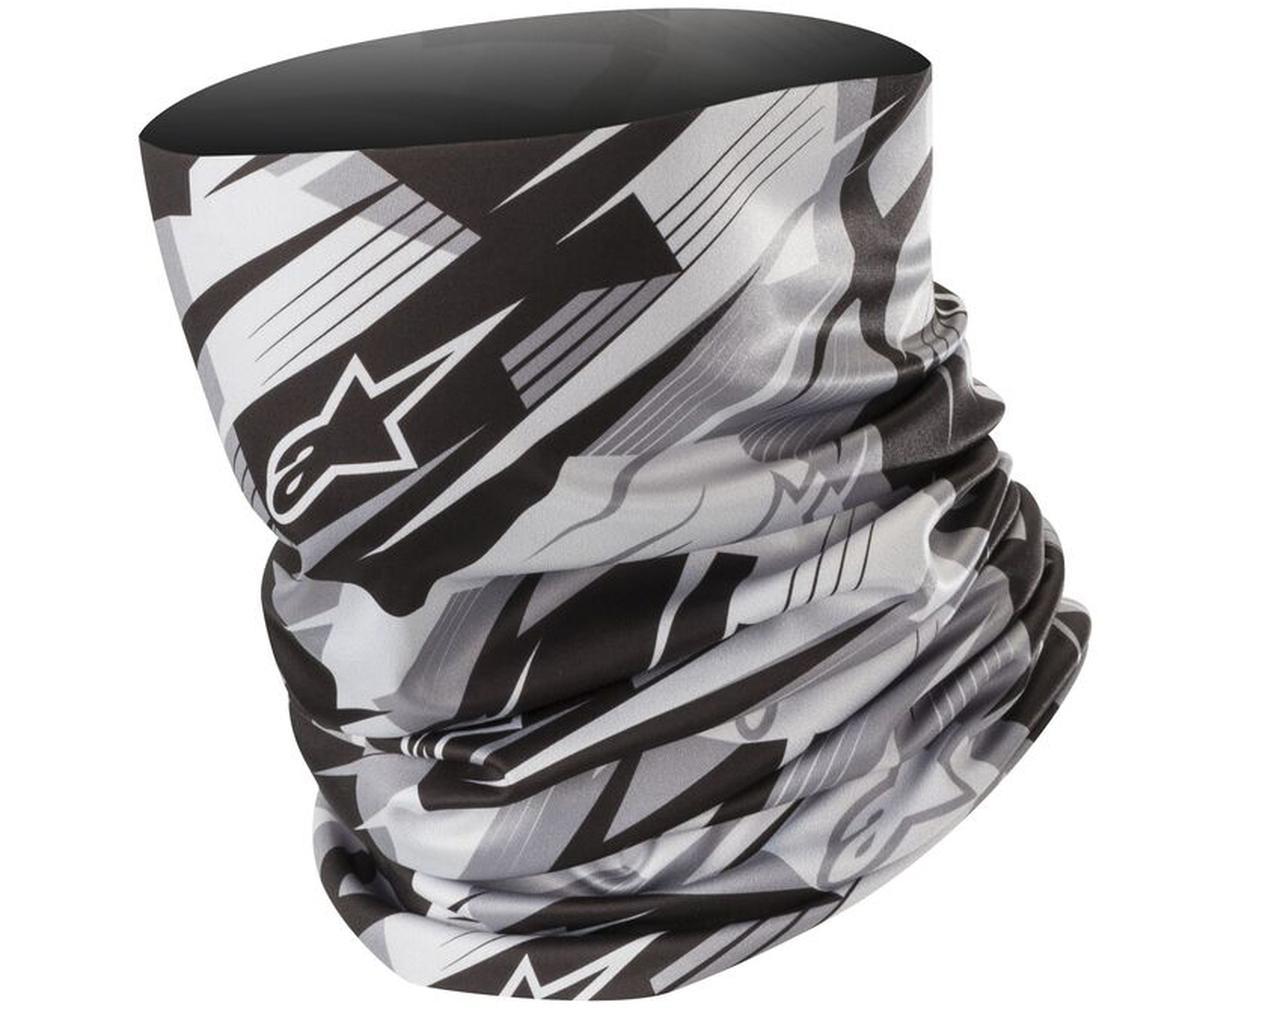 画像6: マスクの代用品にもなる!? バリエーションは合計11種、アルパインスターズから「ネックチューブ」が販売開始